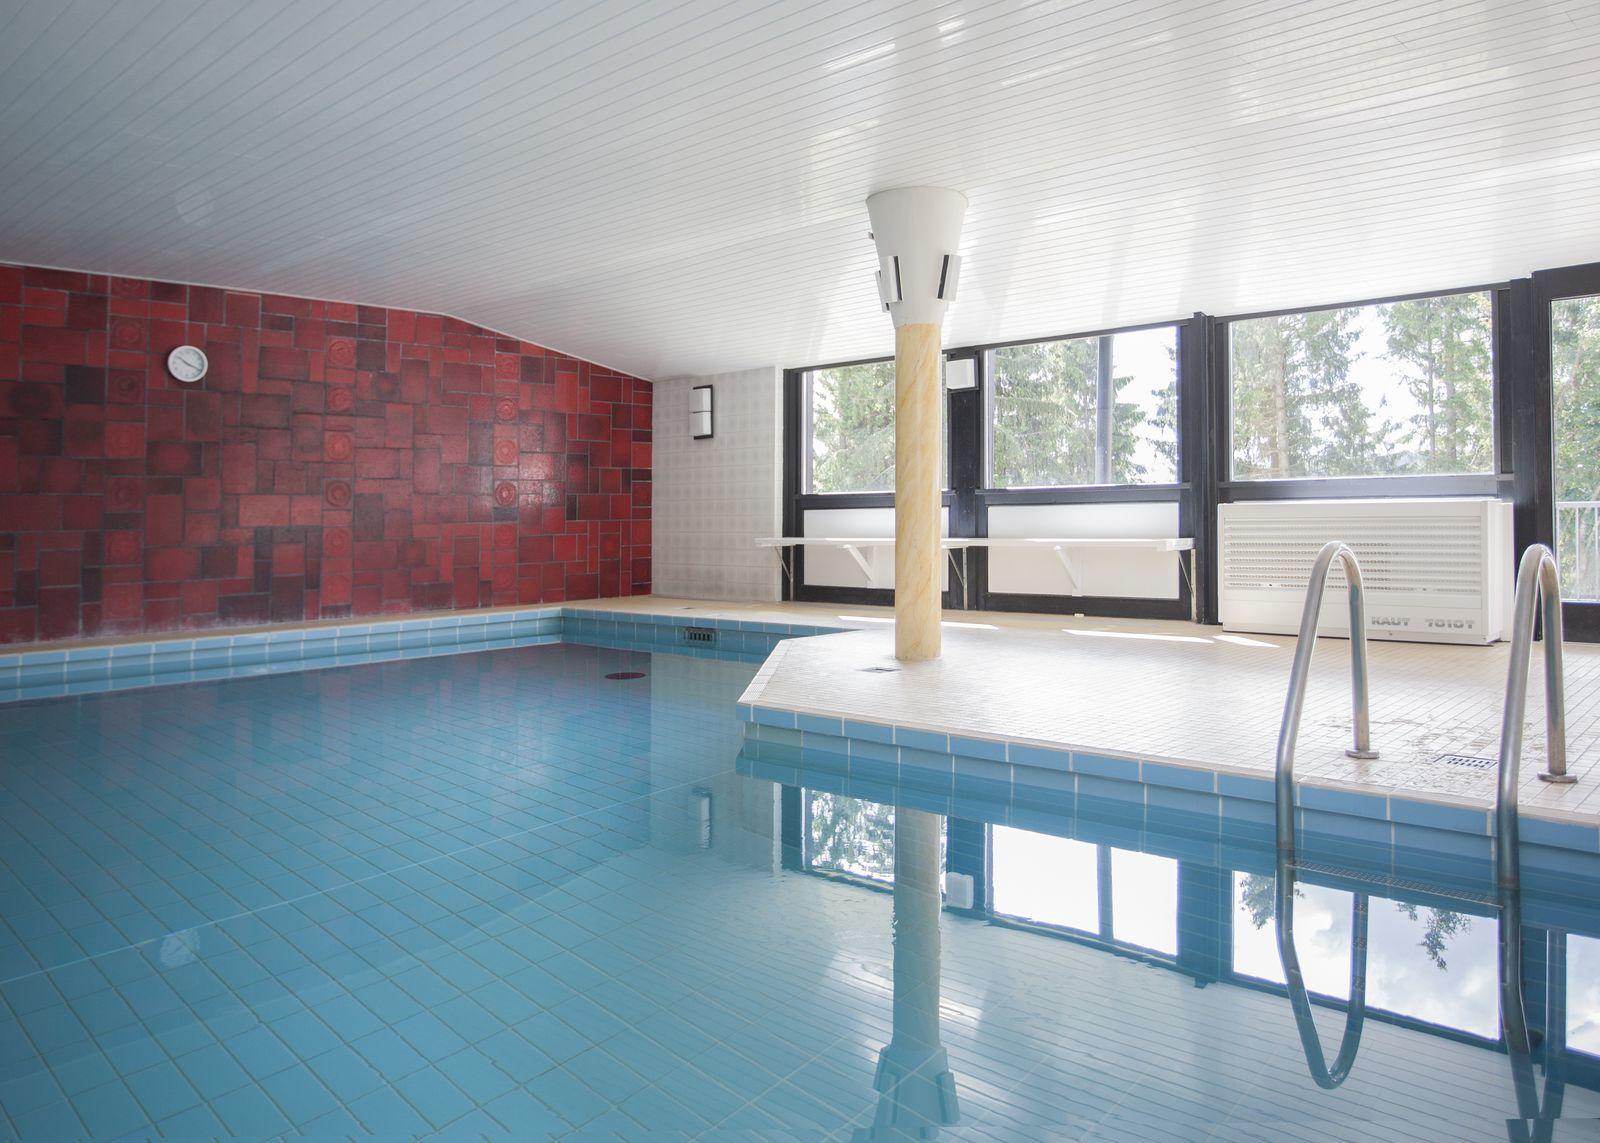 Ferienwohnung - Am Waltenberg 70-KO | Winterberg